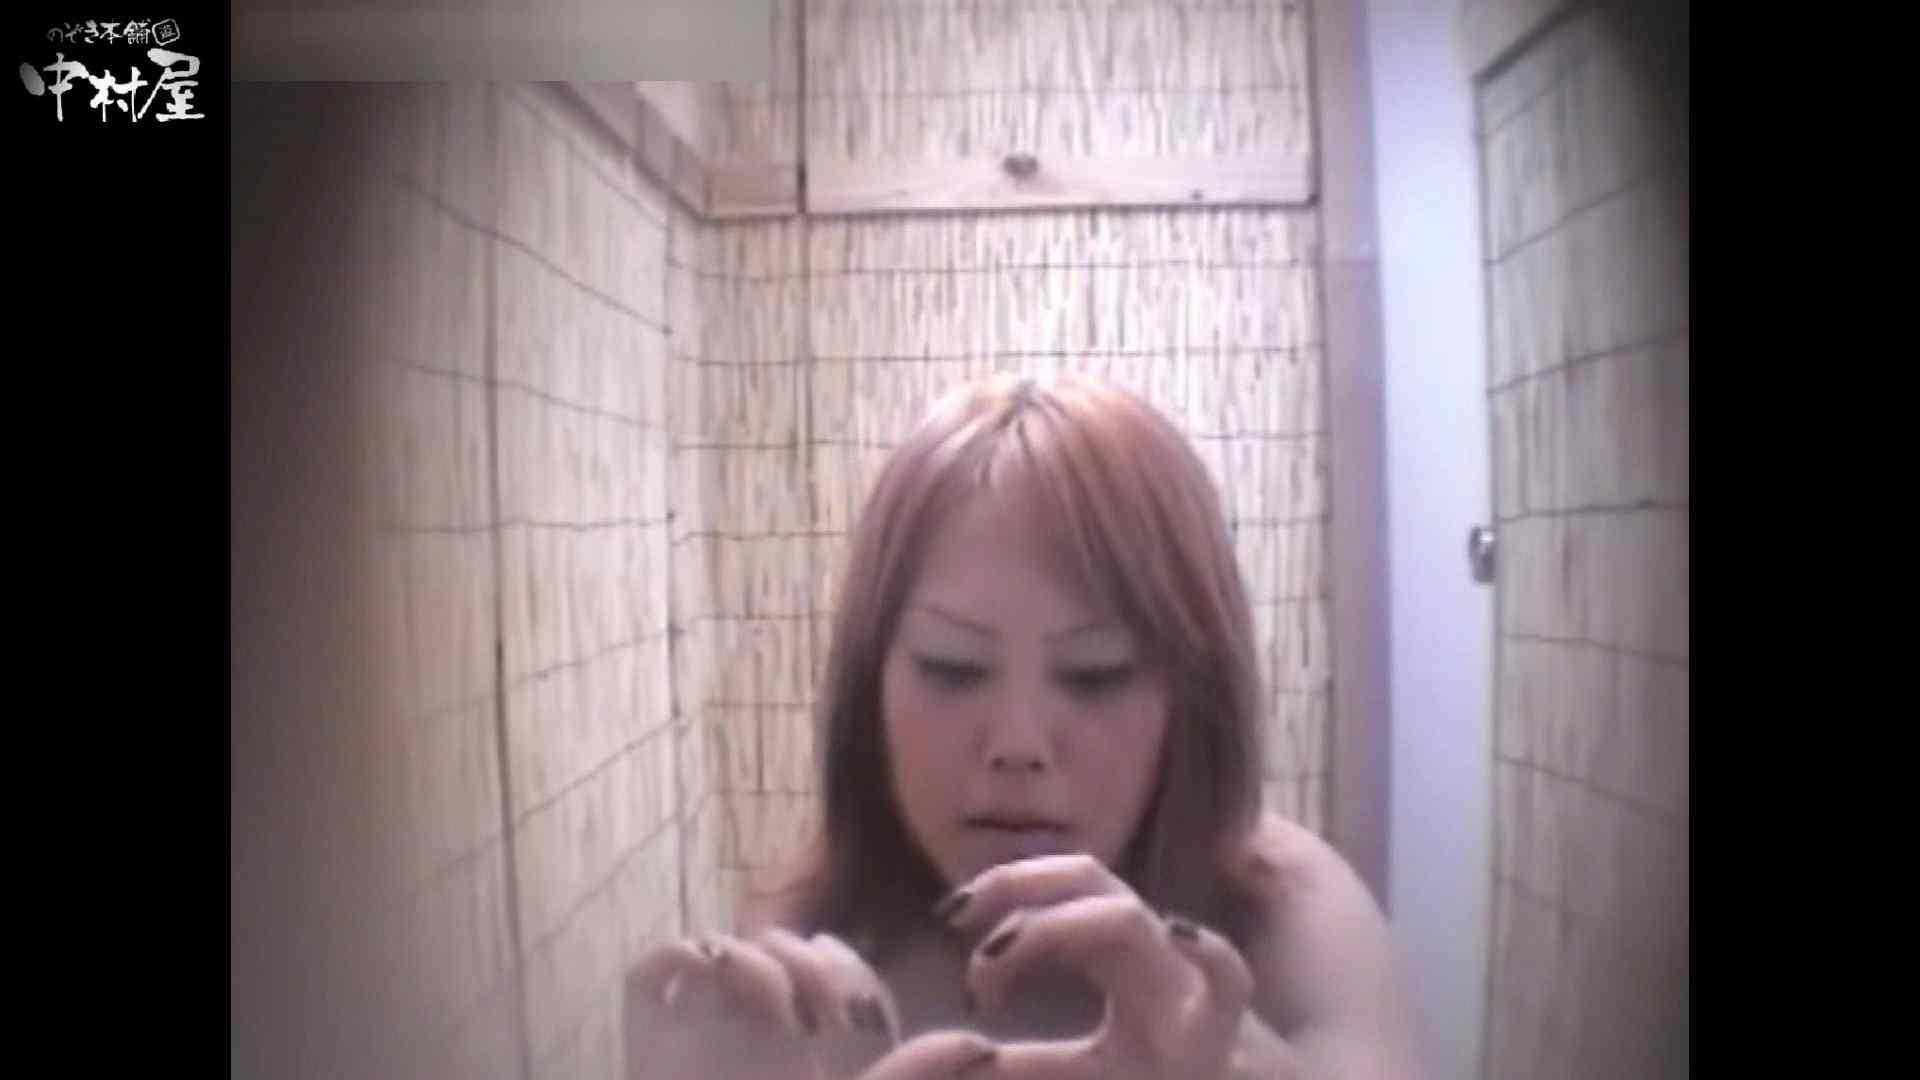 解禁!海の家4カメ洗面所vol.33 ギャルエロ画像 オメコ無修正動画無料 39PICs 34